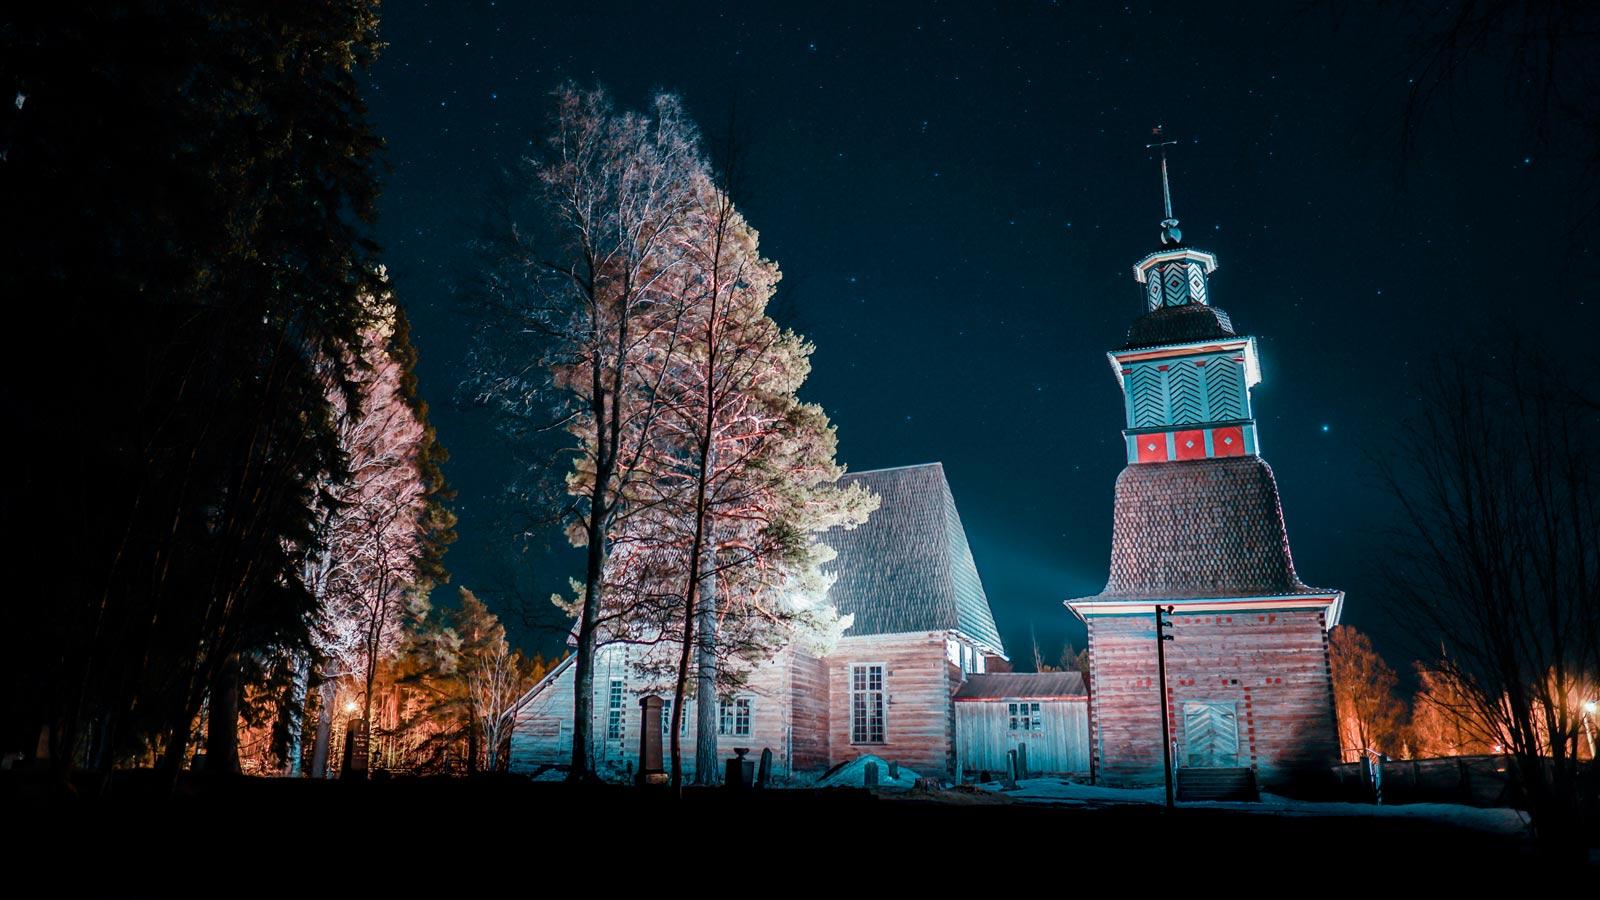 Petäjävesi old church at night